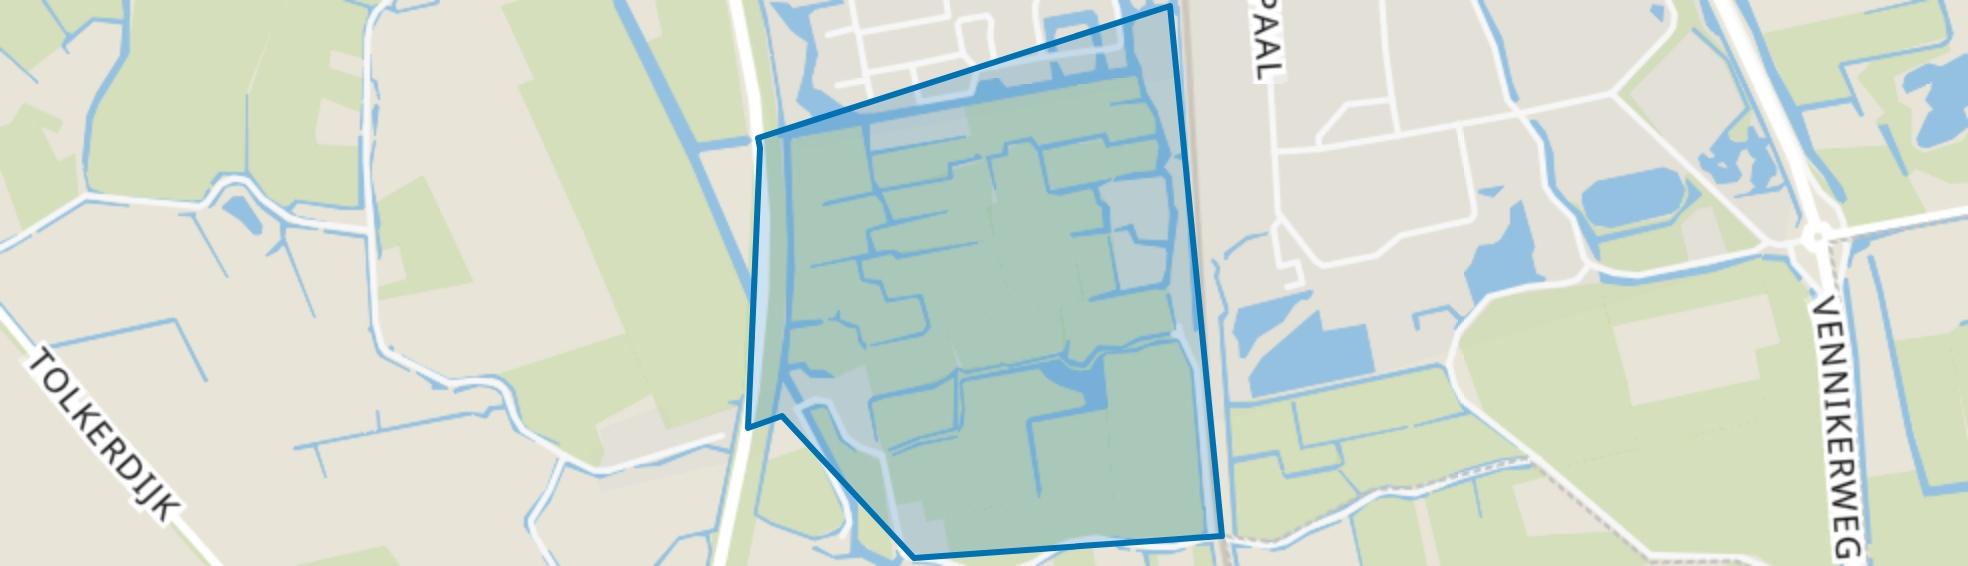 Muggenburg-Zuid, Schagen map